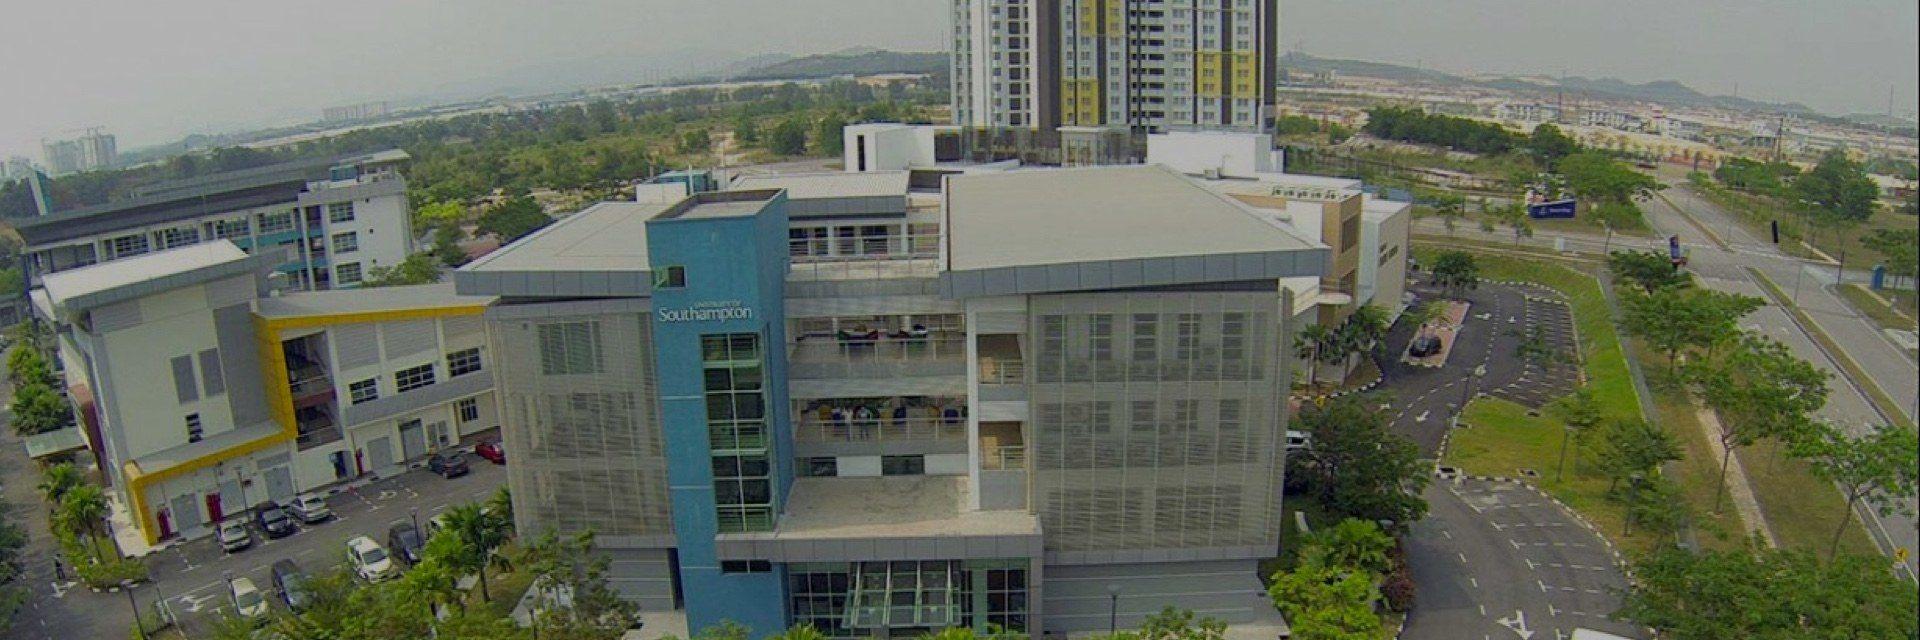 University of Southampton, Malaysia